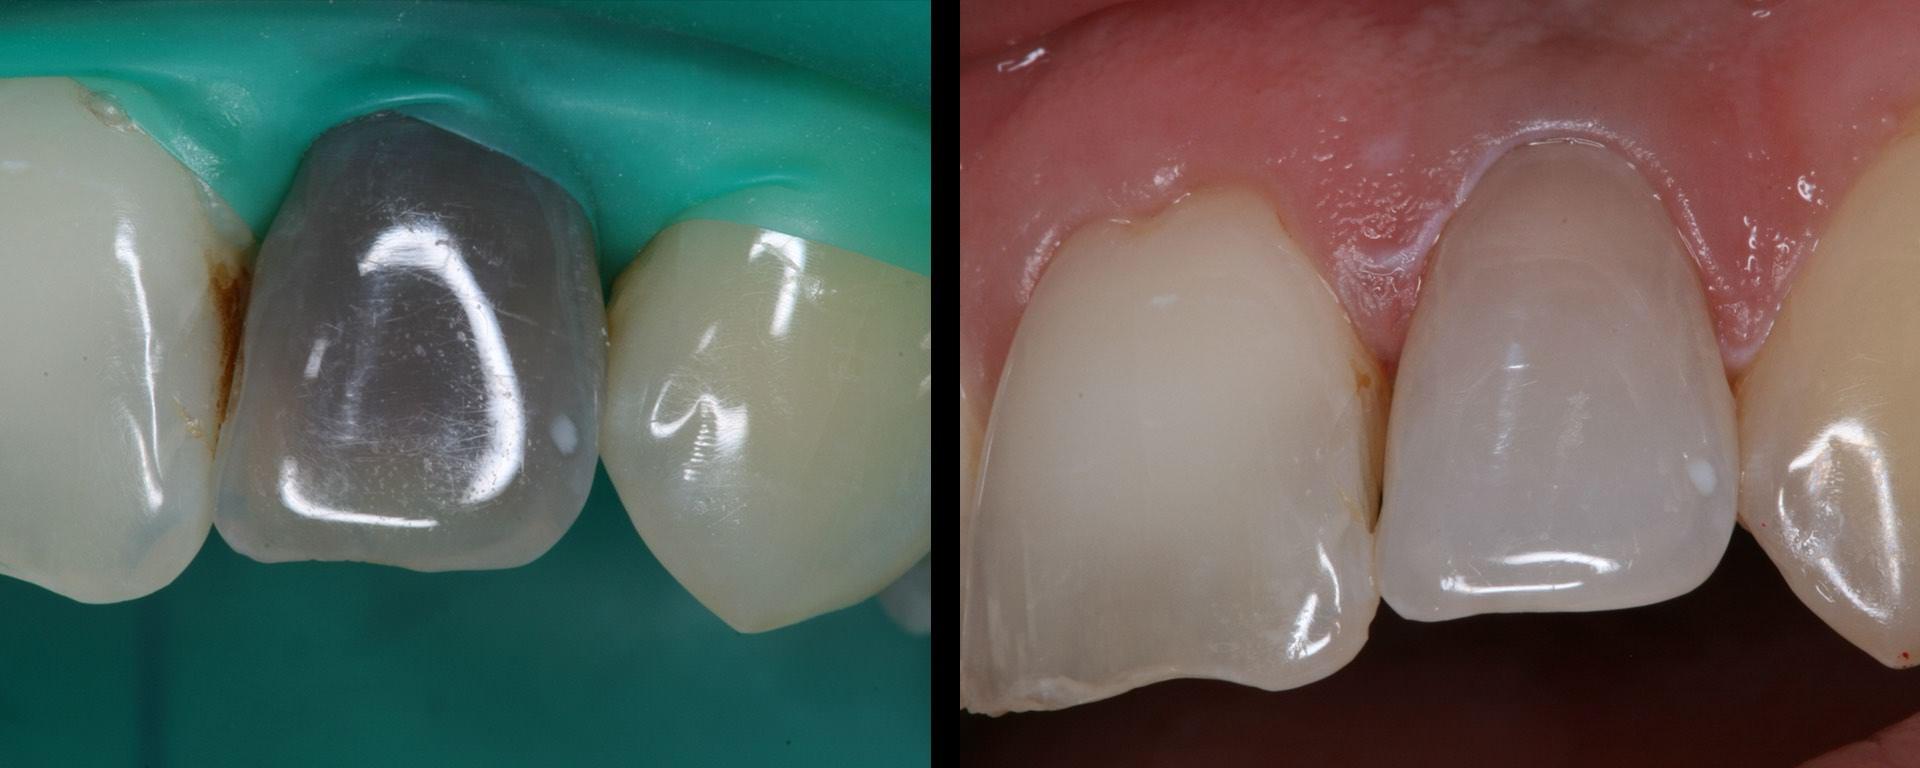 Auch herausgefallene Zähne können häufig replantiert werden.